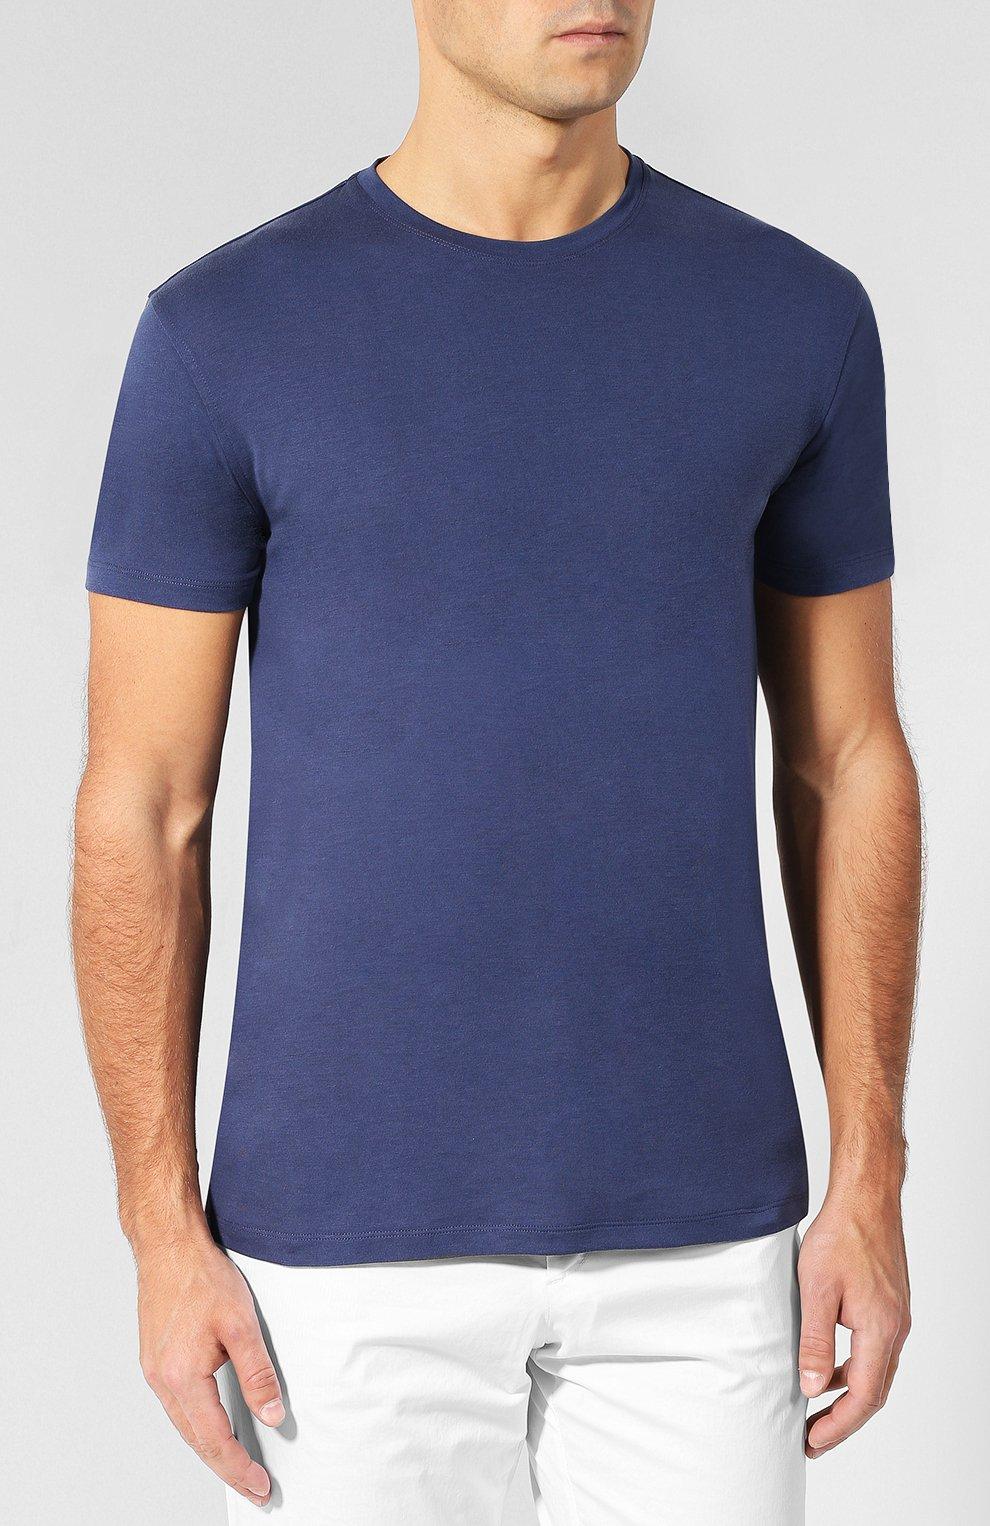 Хлопковая футболка с круглым вырезом Isaia темно-синяя   Фото №3